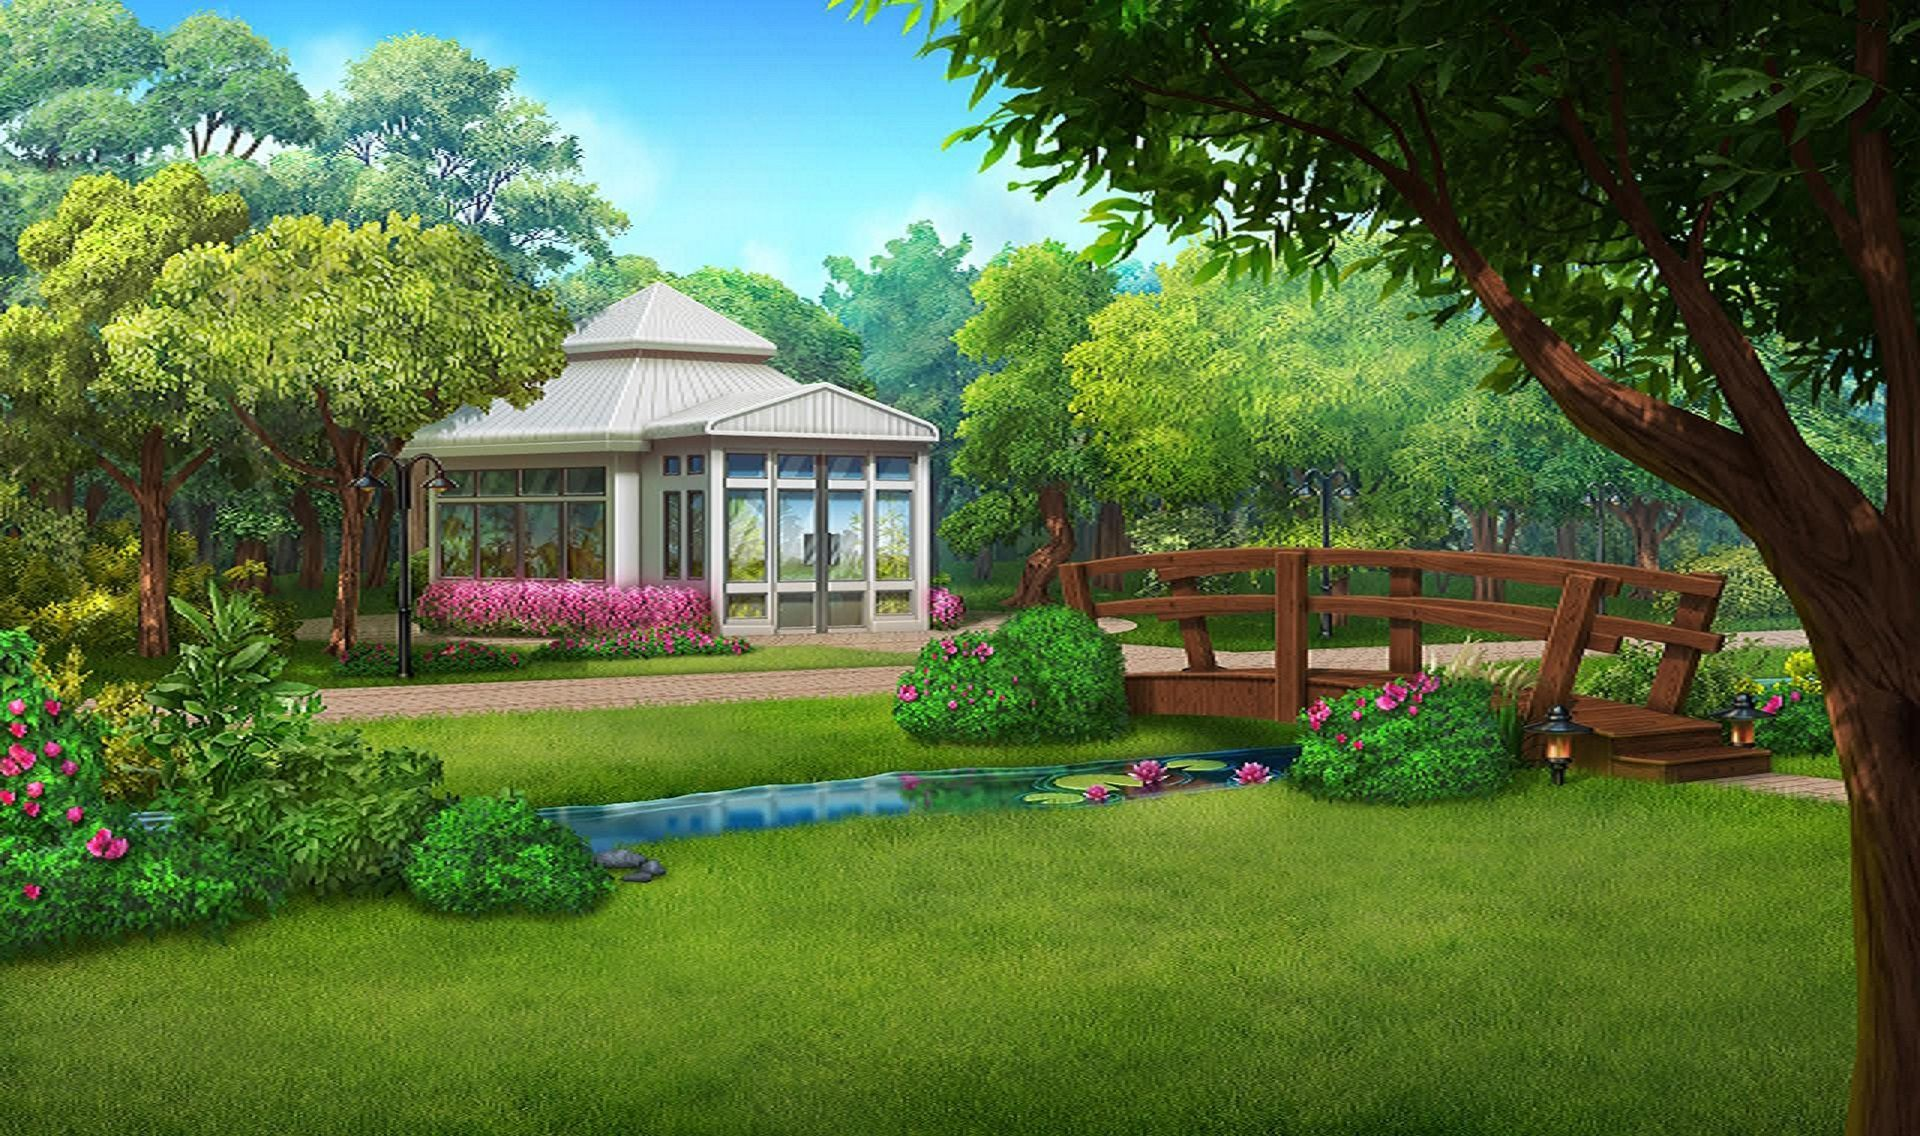 Anime Park Background Pictures To Pin On Pinterest Pins2pi Latar Belakang Latar Belakang Animasi Pemandangan Anime